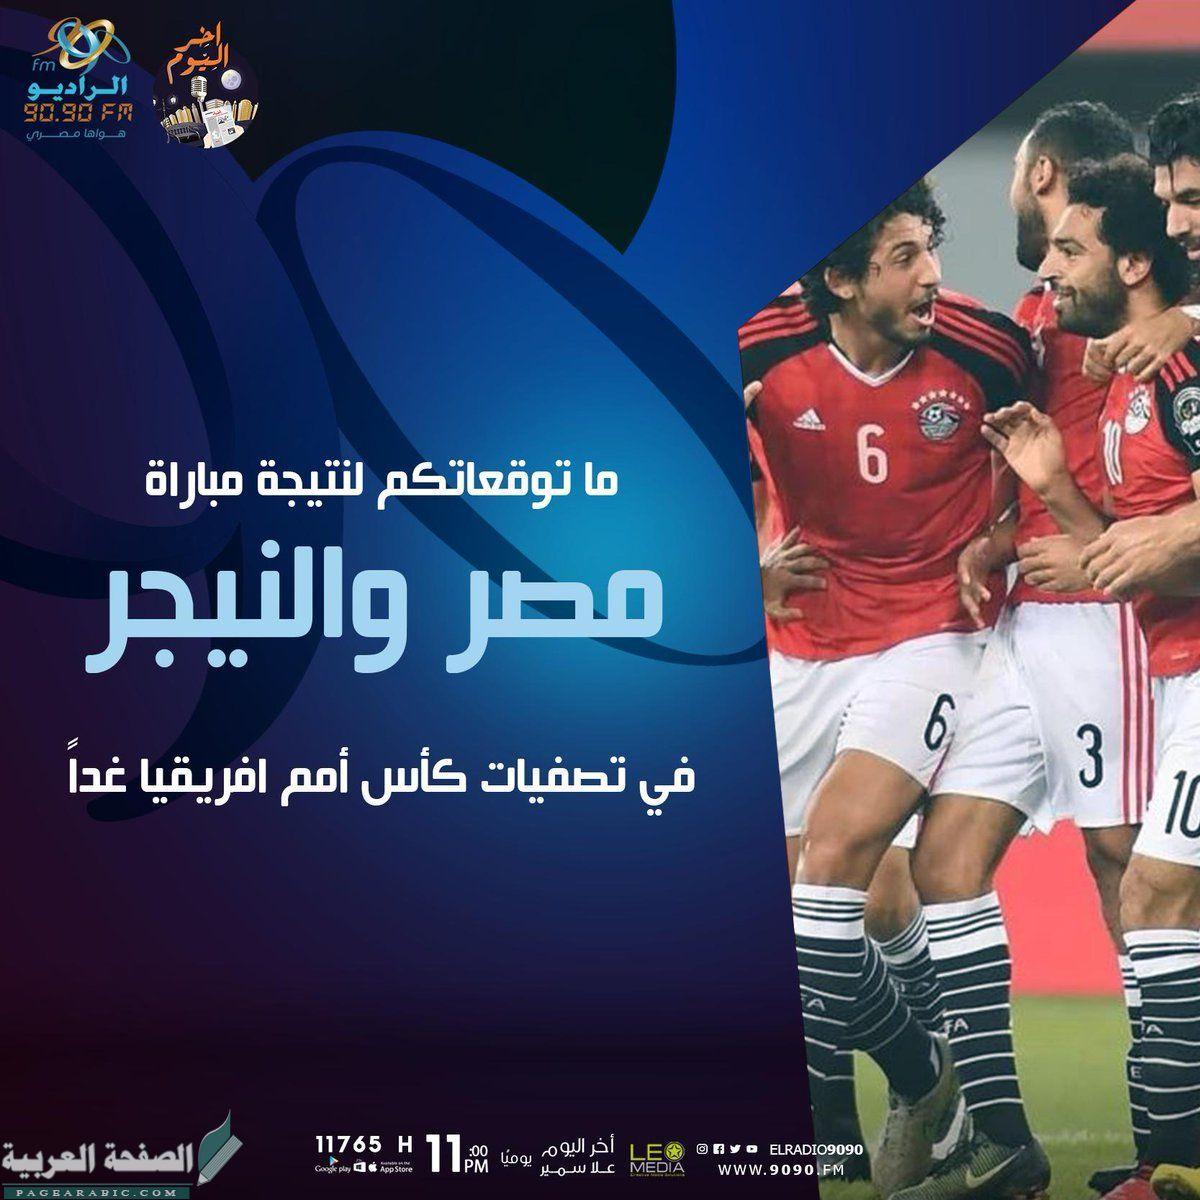 مشاهدة مباراة مصر والنيجر في تصفيات كأس امم افريقيا Baseball